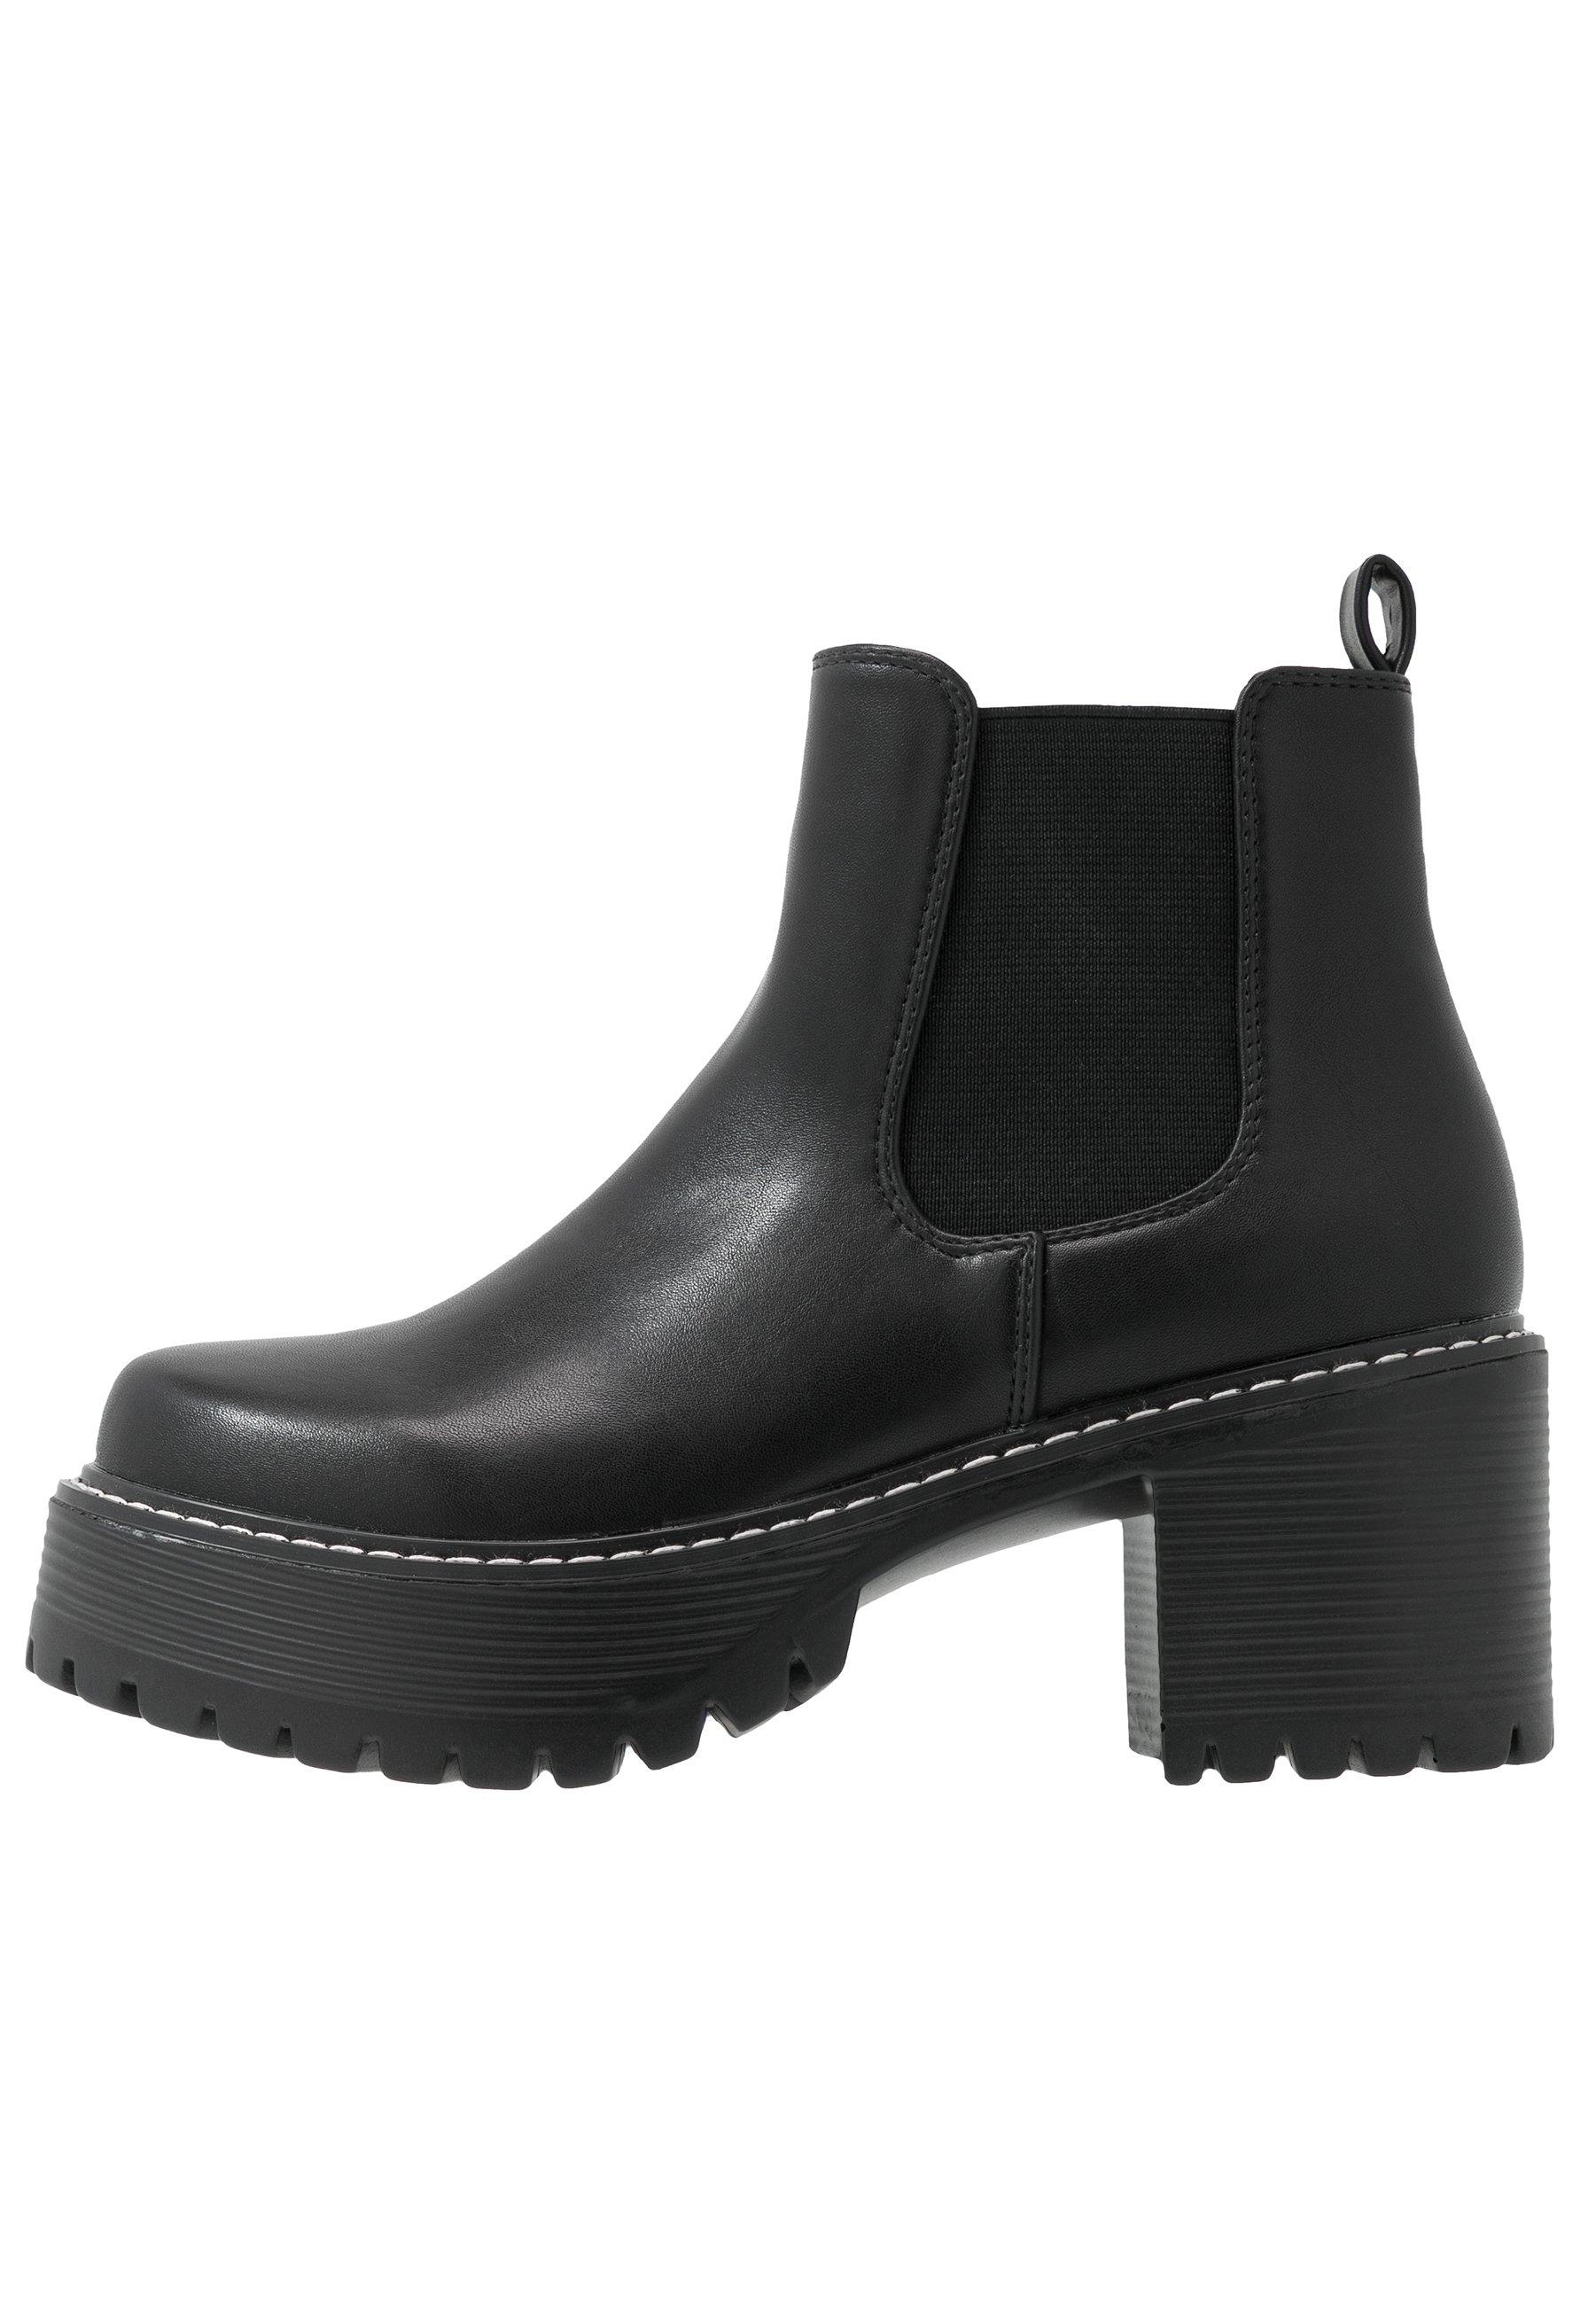 VEGAN Ankelboots black